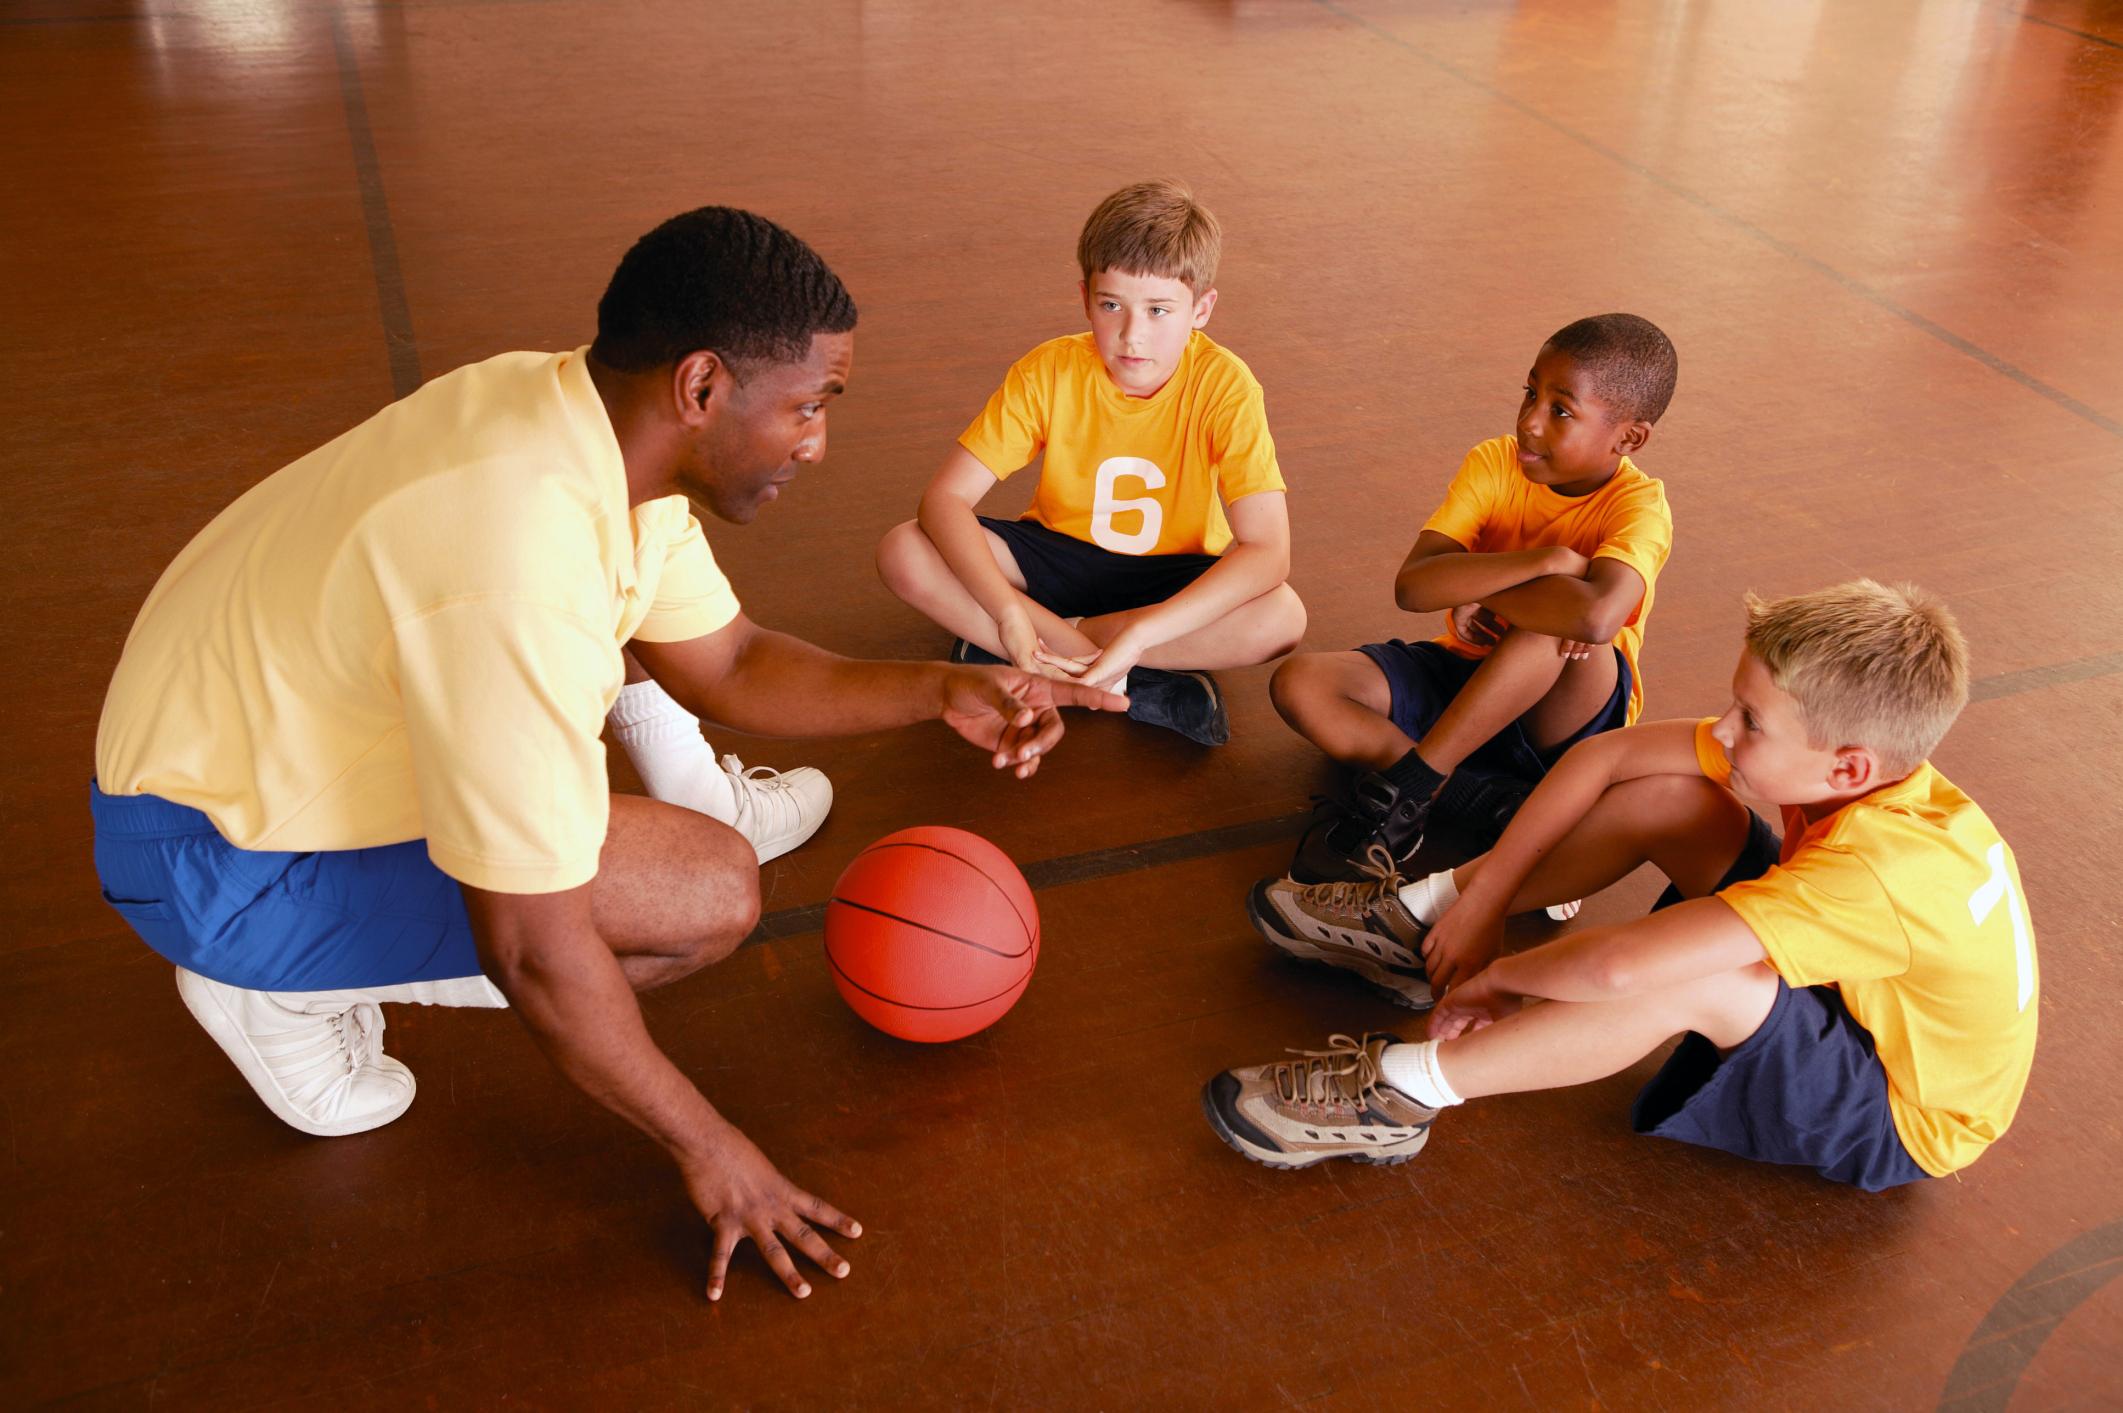 Entrenador de baloncesto, Entrenamiento de baloncesto